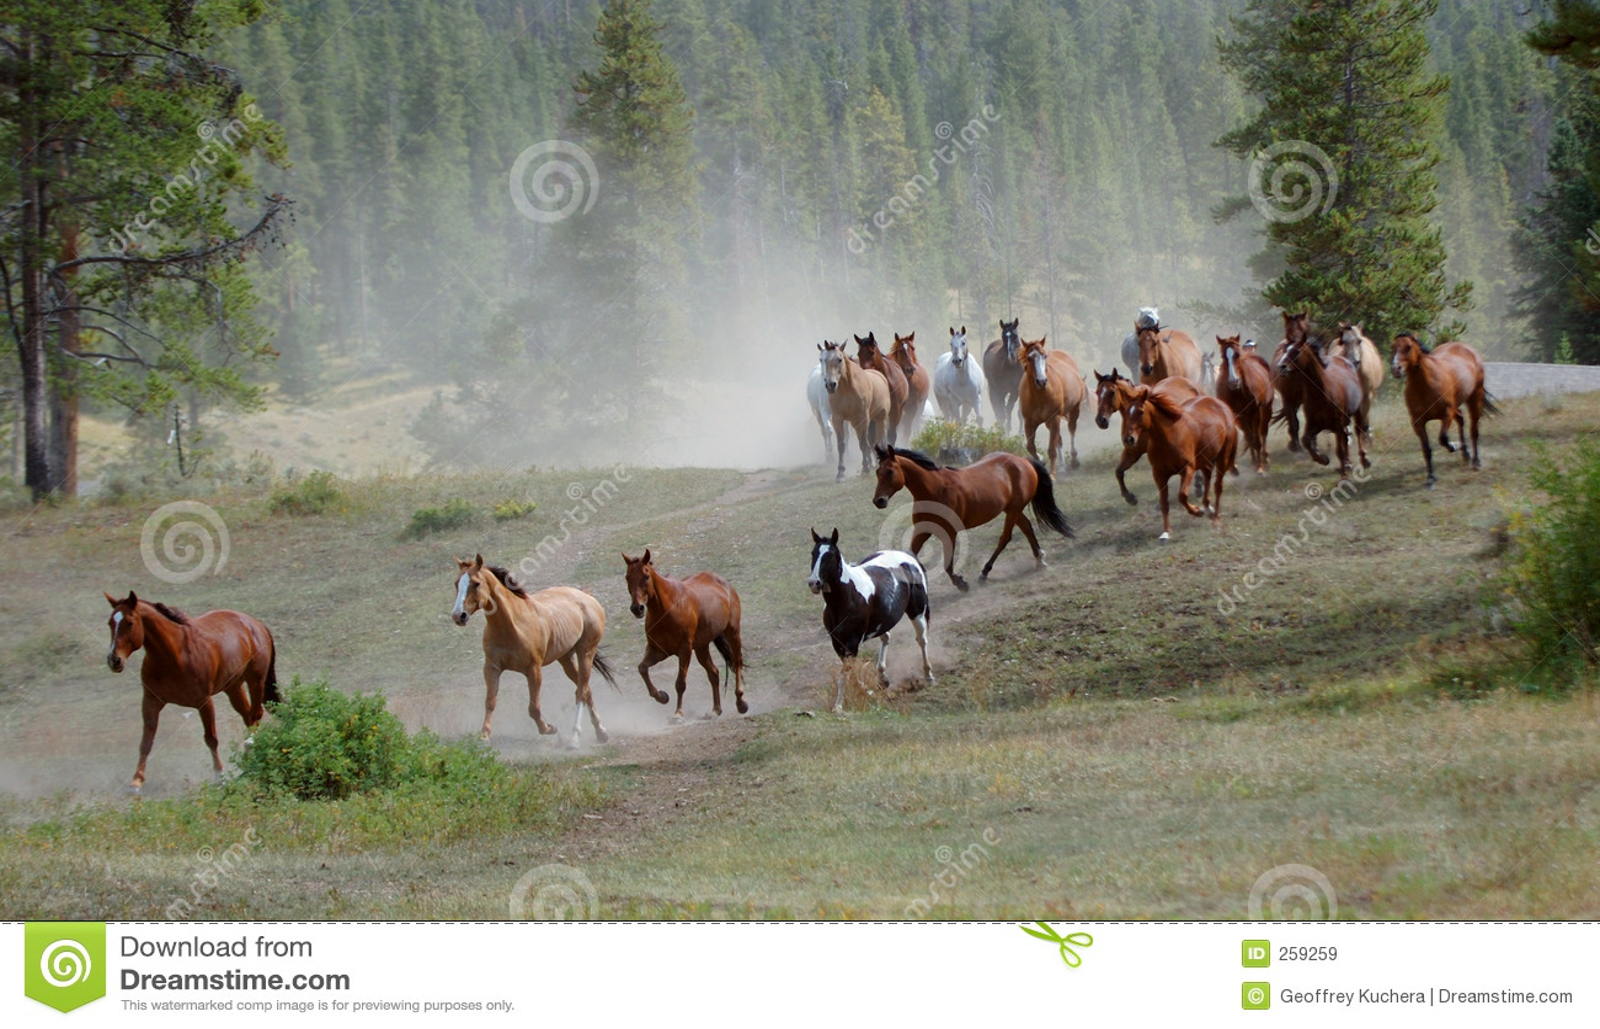 Jedź 1 koń